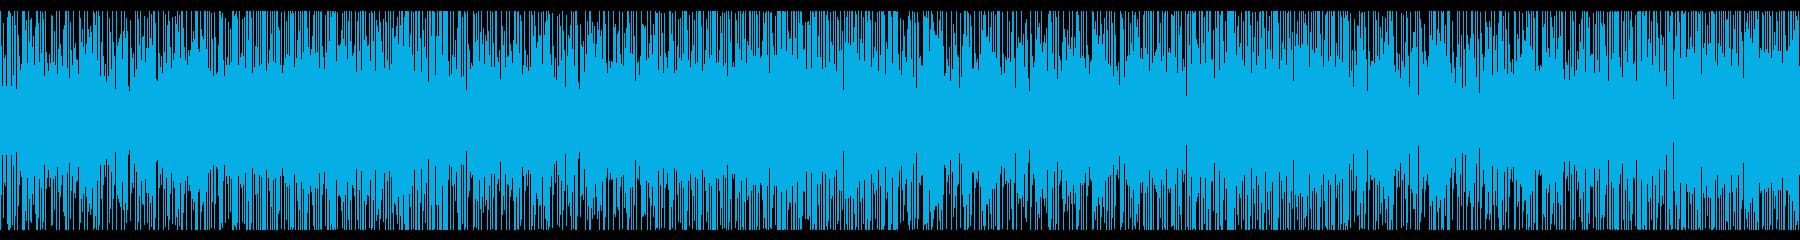 スラム街をイメージしたファンクなループ曲の再生済みの波形